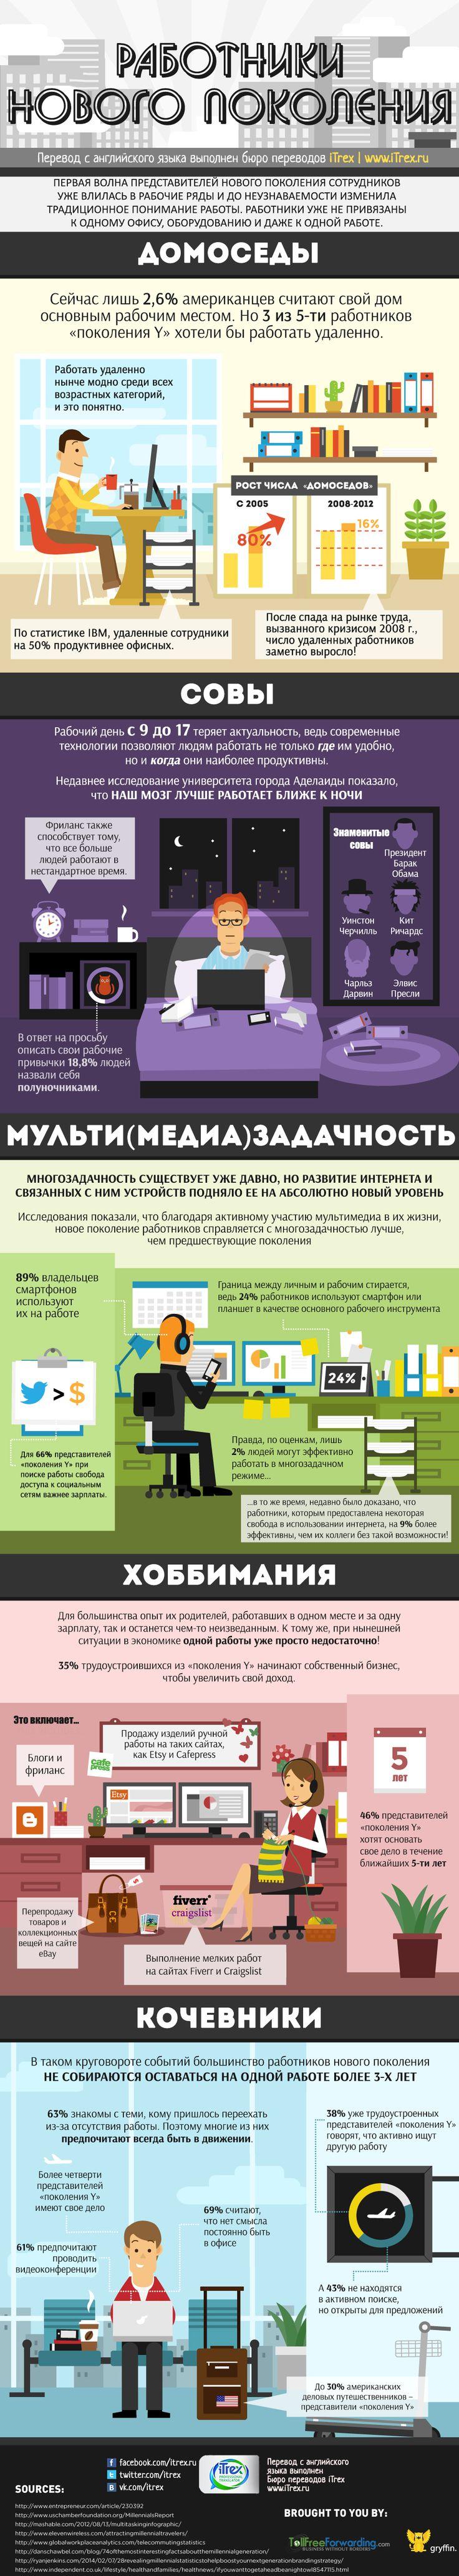 О работниках «поколения Y». Кто они такие и почему они такие в новом переводе инфографики. http://itrex.ru/news/rabotniki_novogo_pokoleniya